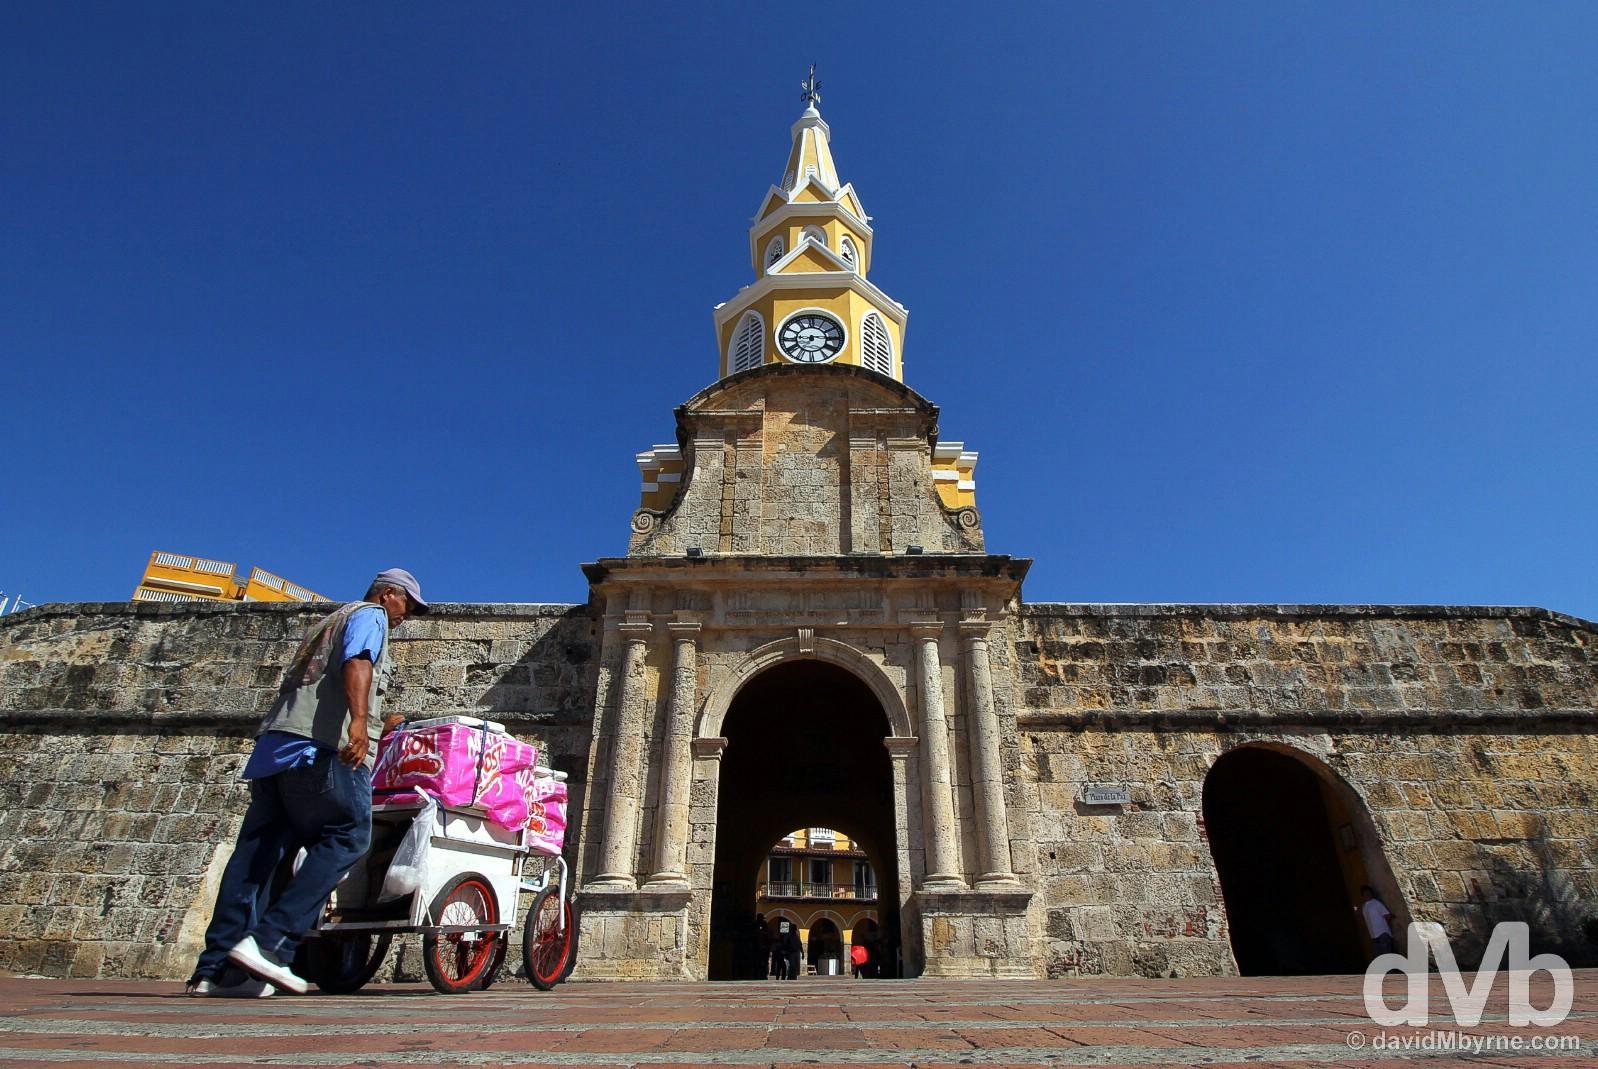 Puerta del Reloj in Old Town Cartagena, Colombia. June 25, 2015.